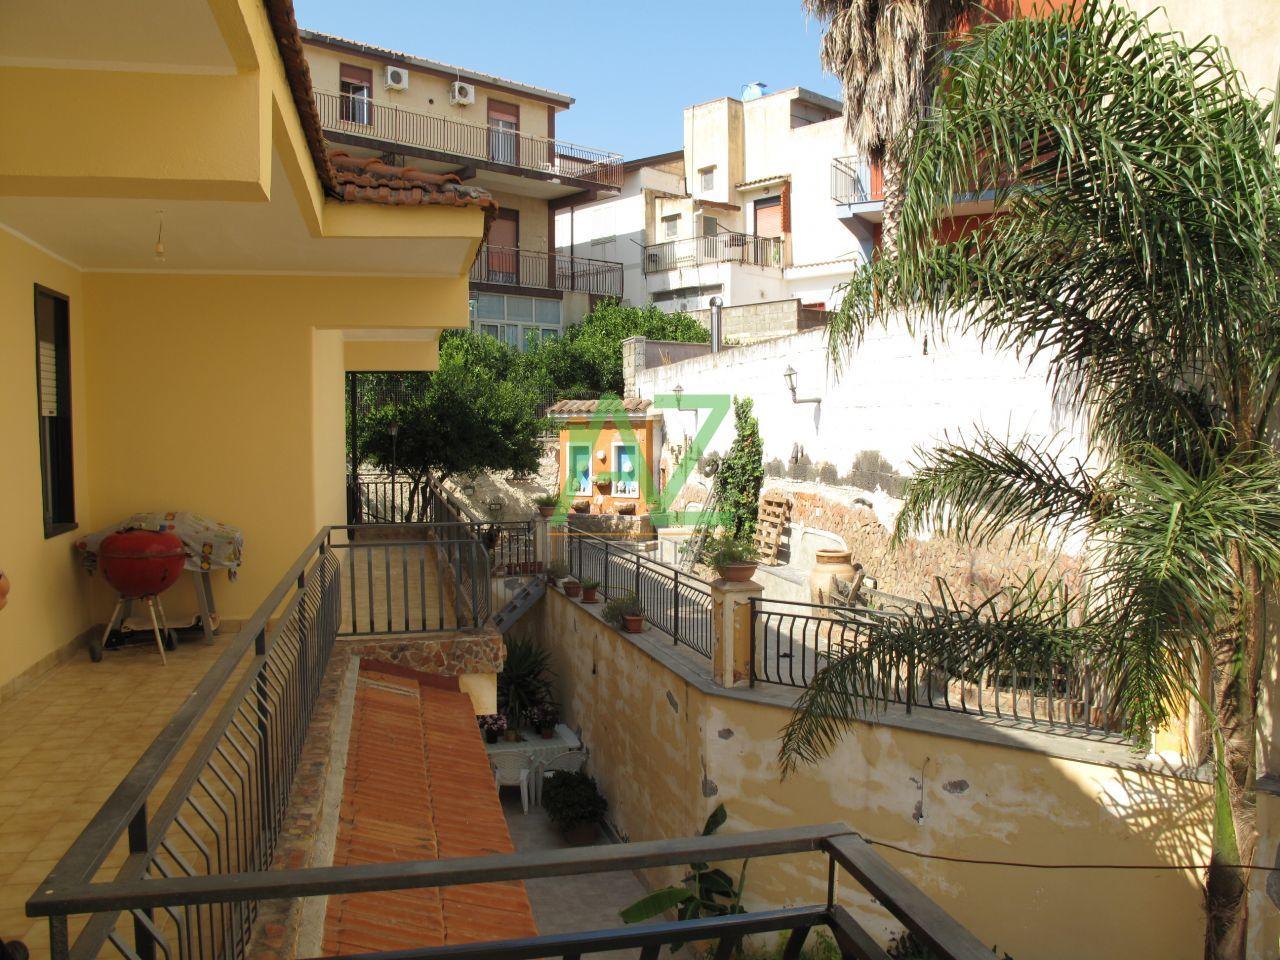 Appartamento in affitto a Motta Sant'Anastasia, 7 locali, prezzo € 650 | Cambio Casa.it